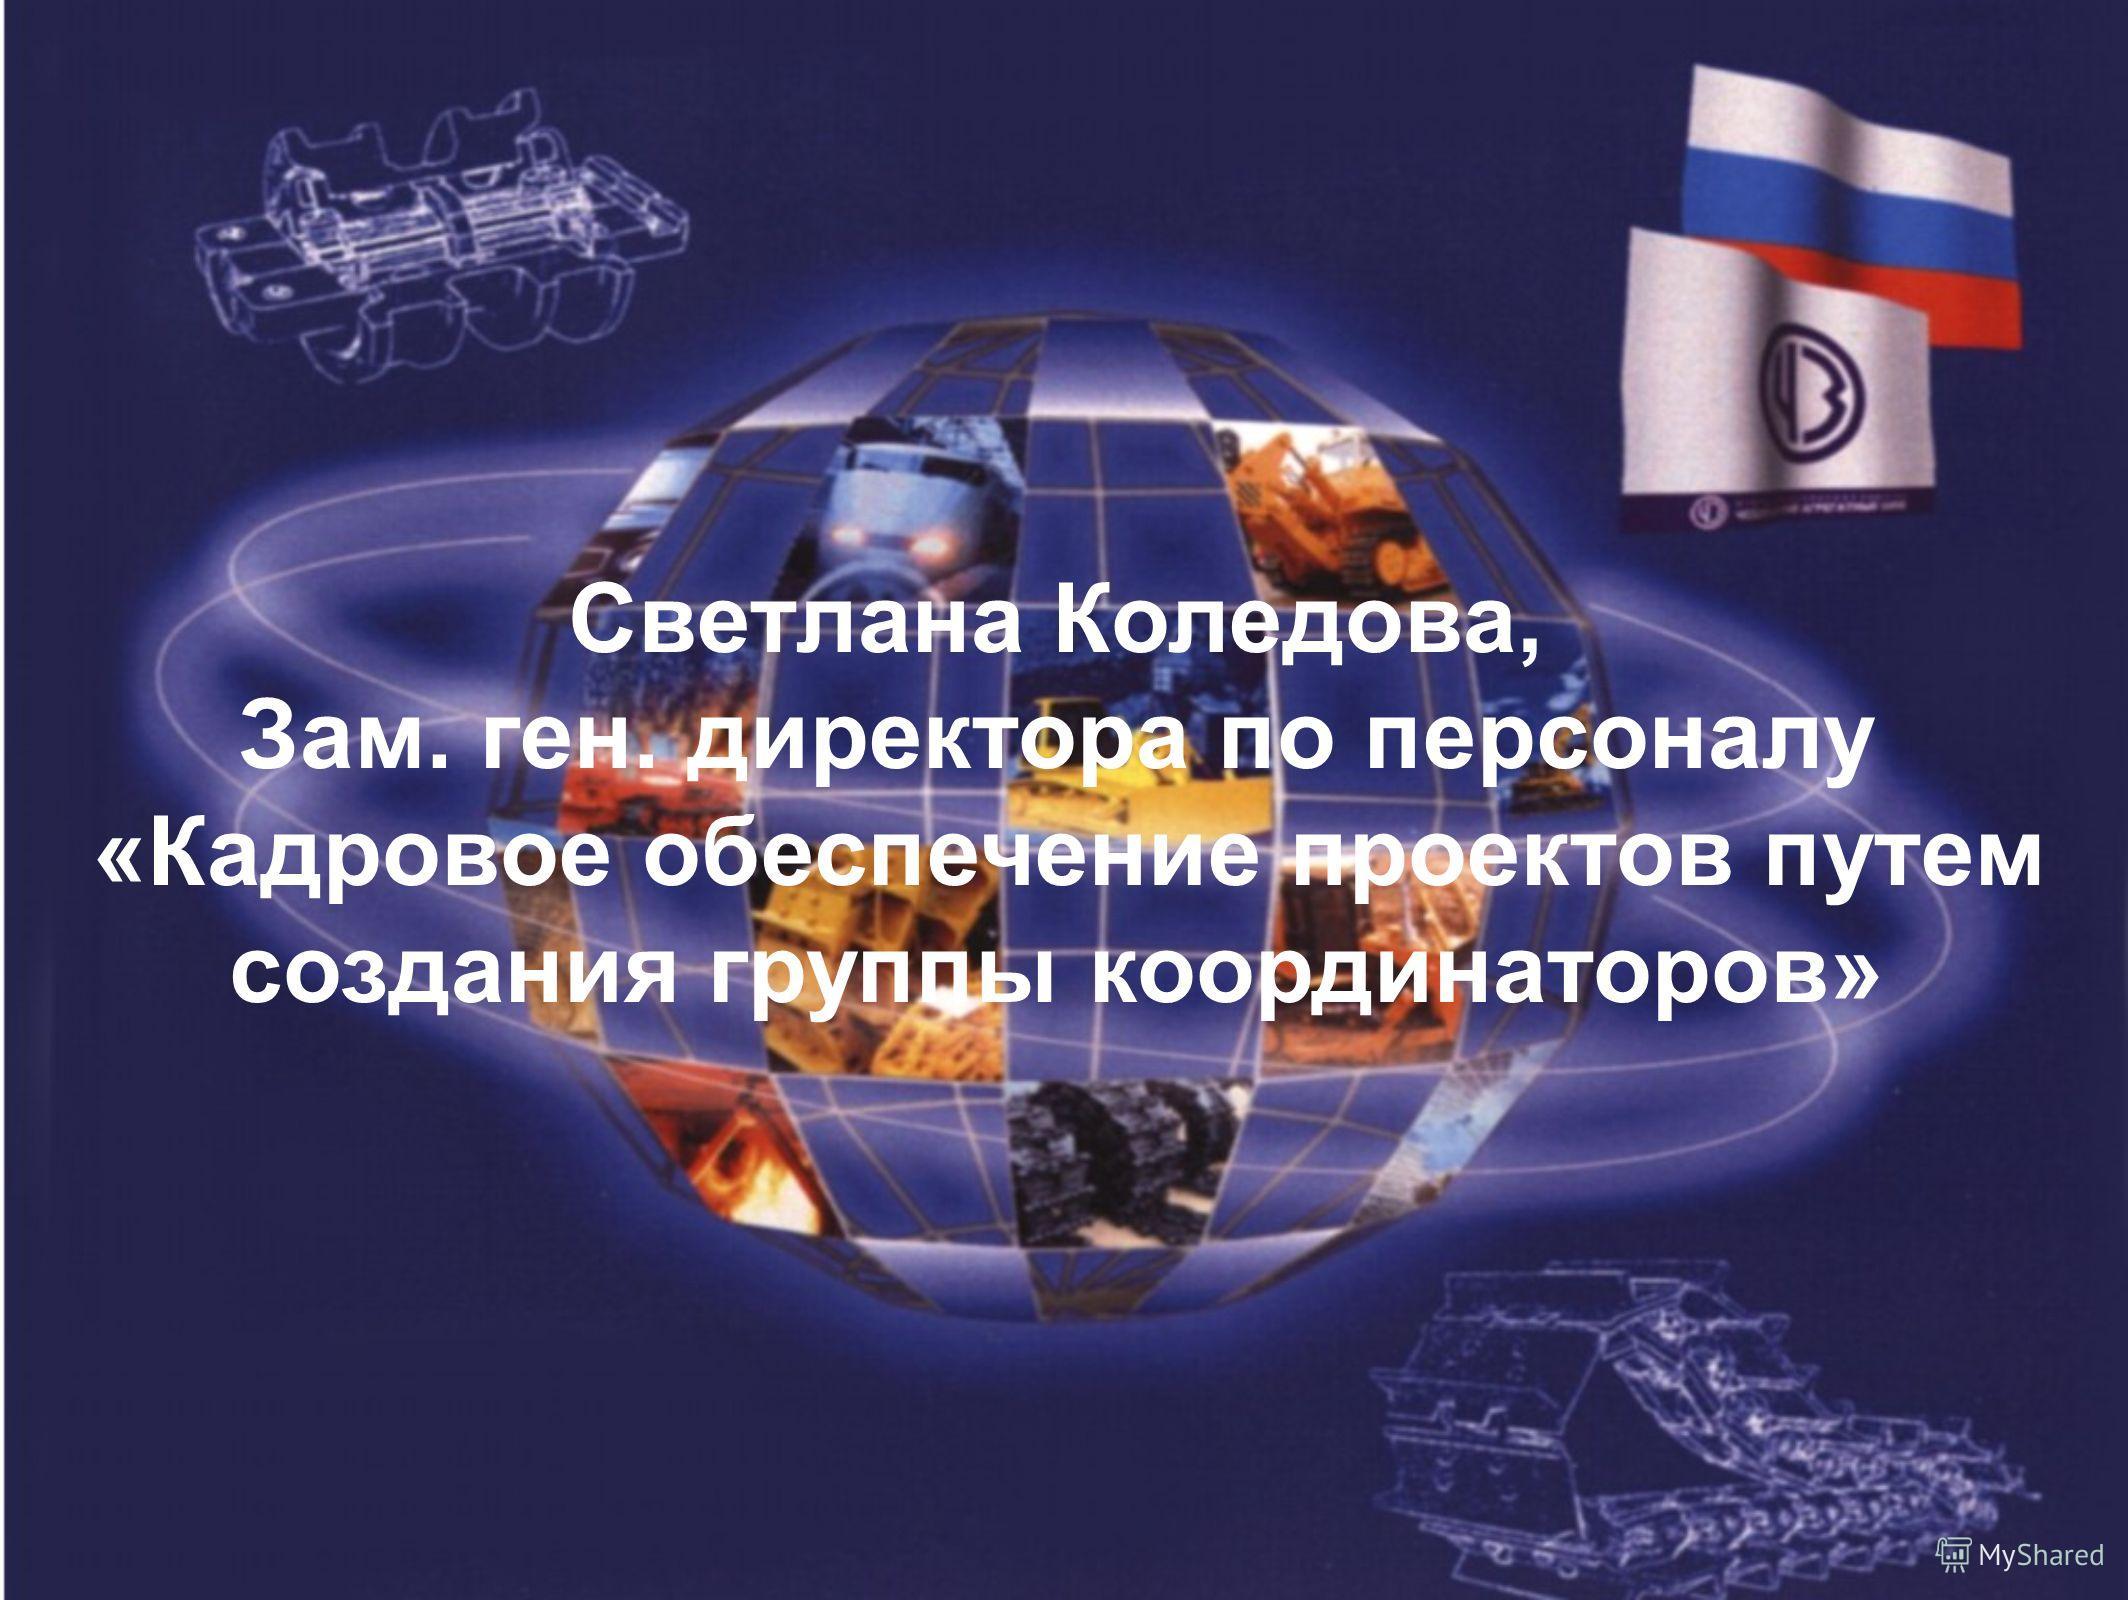 Светлана Коледова, Зам. ген. директора по персоналу «Кадровое обеспечение проектов путем создания группы координаторов»